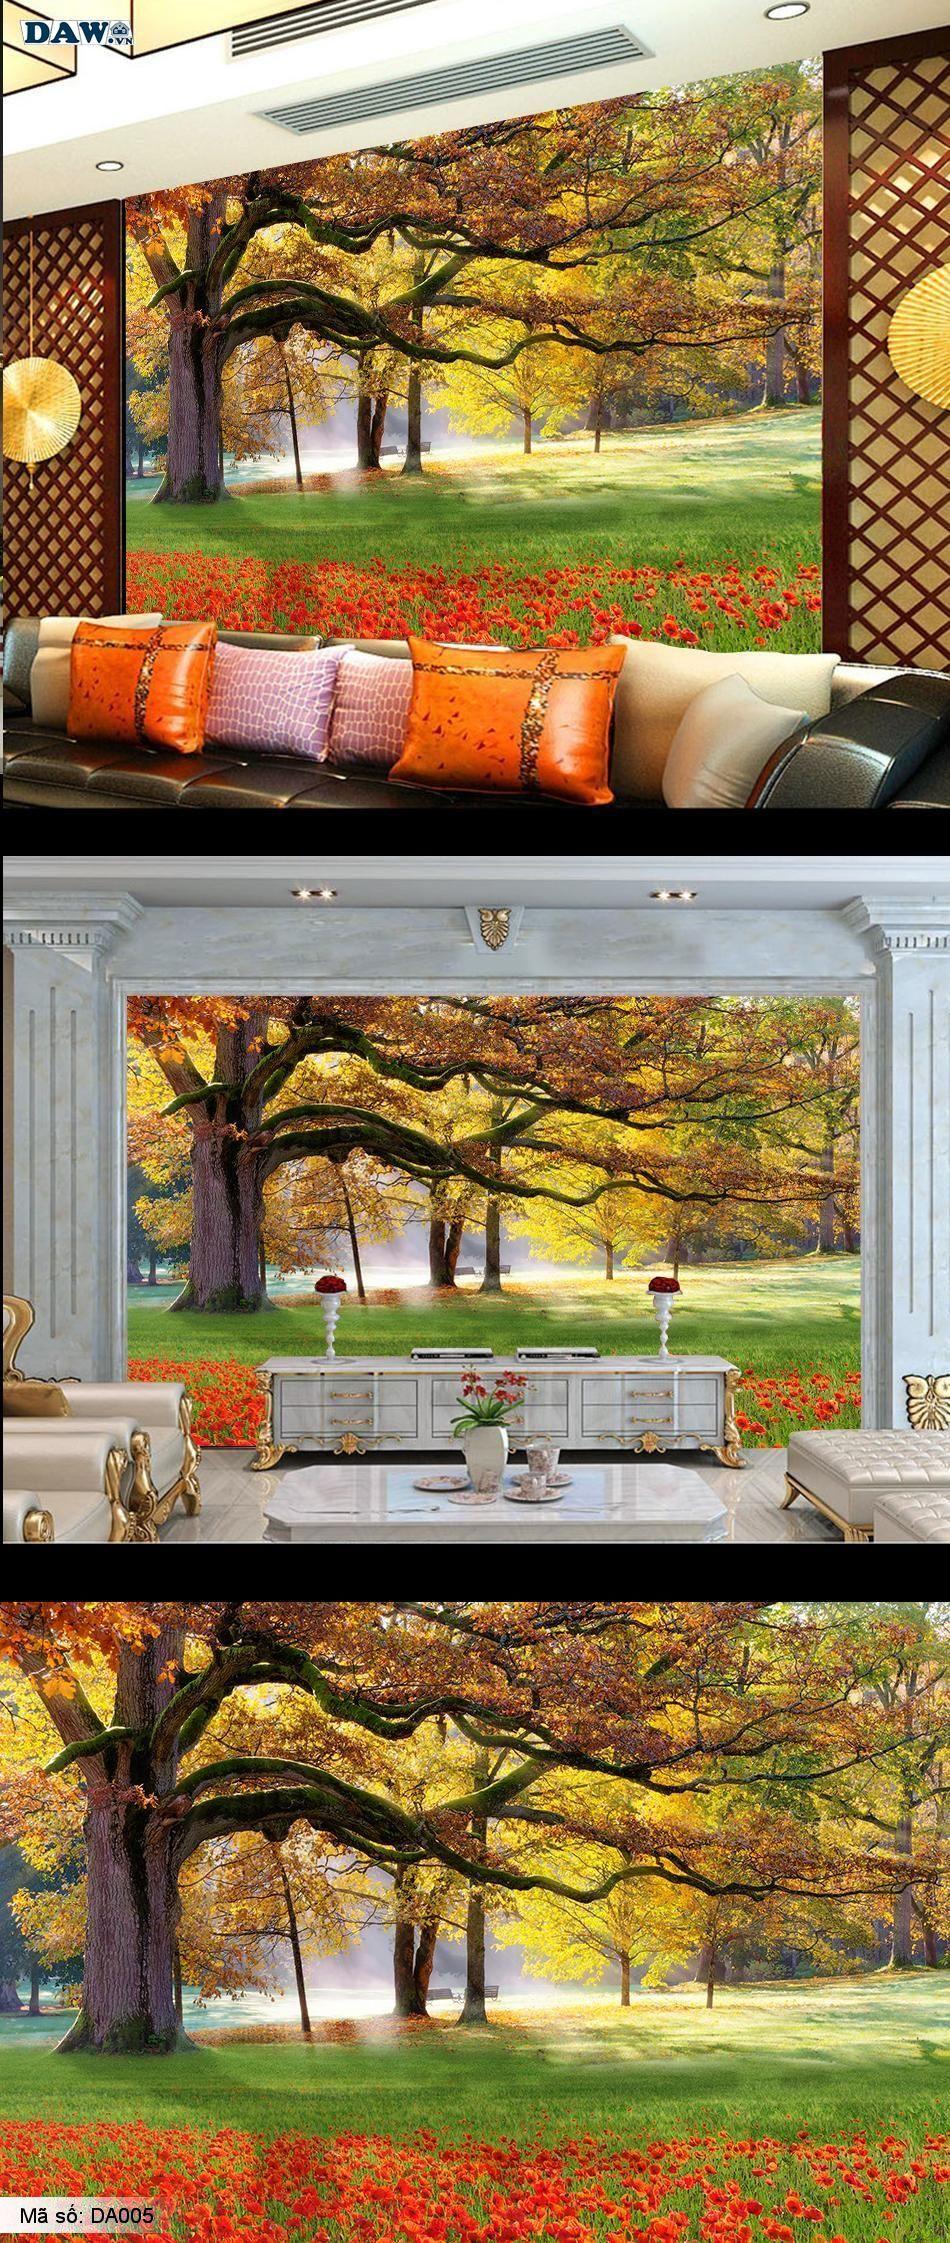 Tranh dán tường phong cảnh, phong cảnh đẹp, mùa thu, cây cổ thụ  DA005